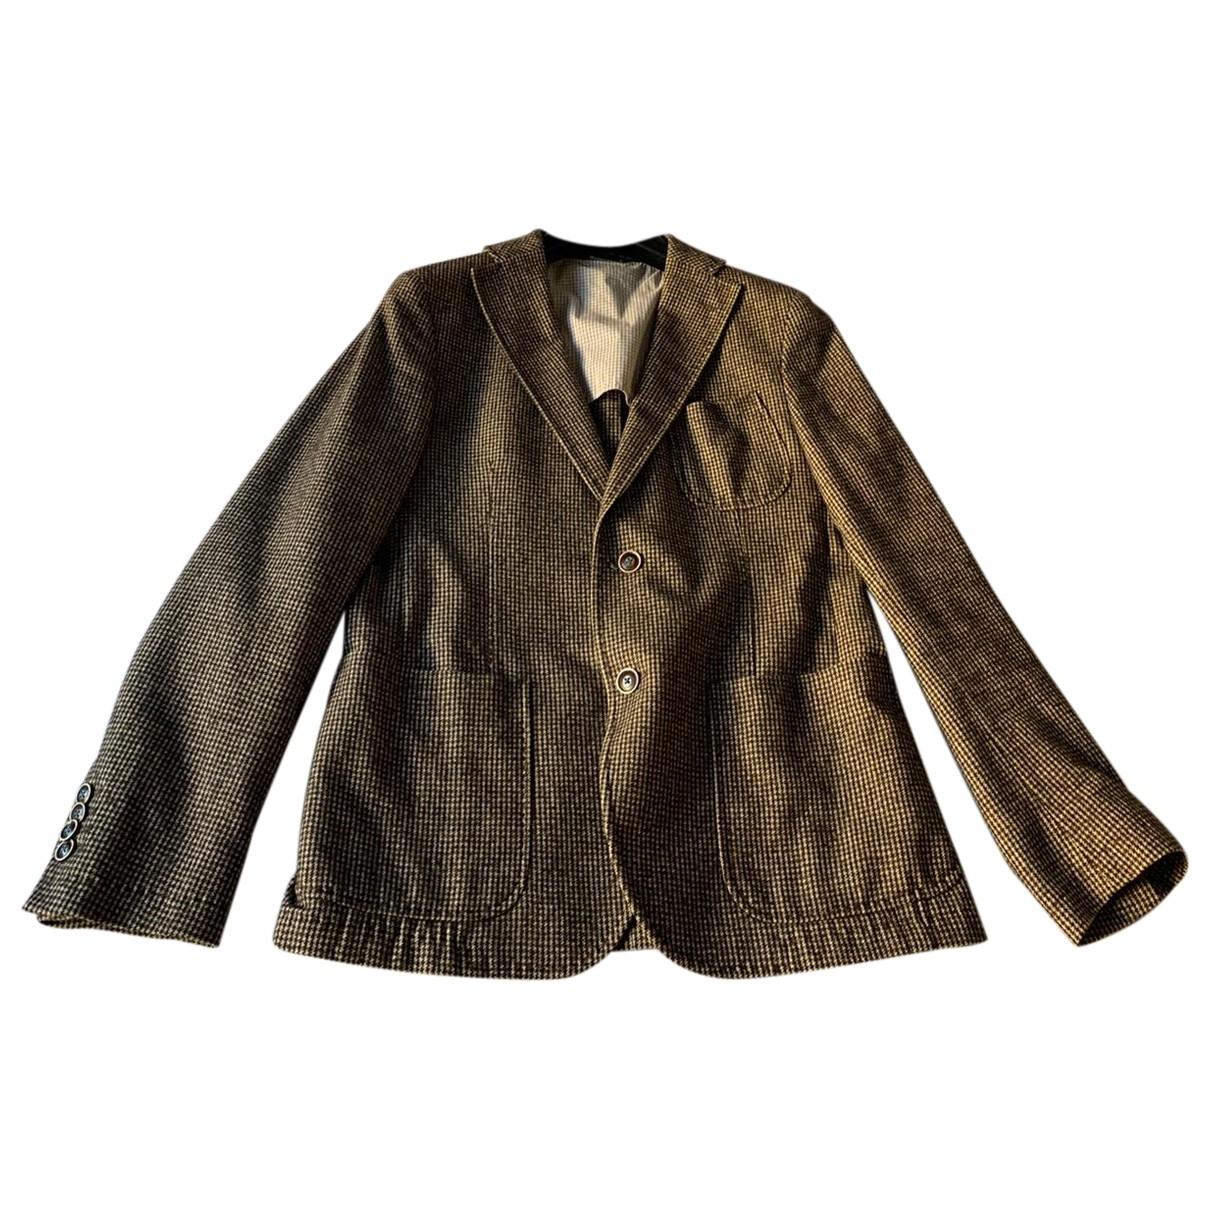 Manuel Ritz - Vestes.Blousons   pour homme en laine - marron